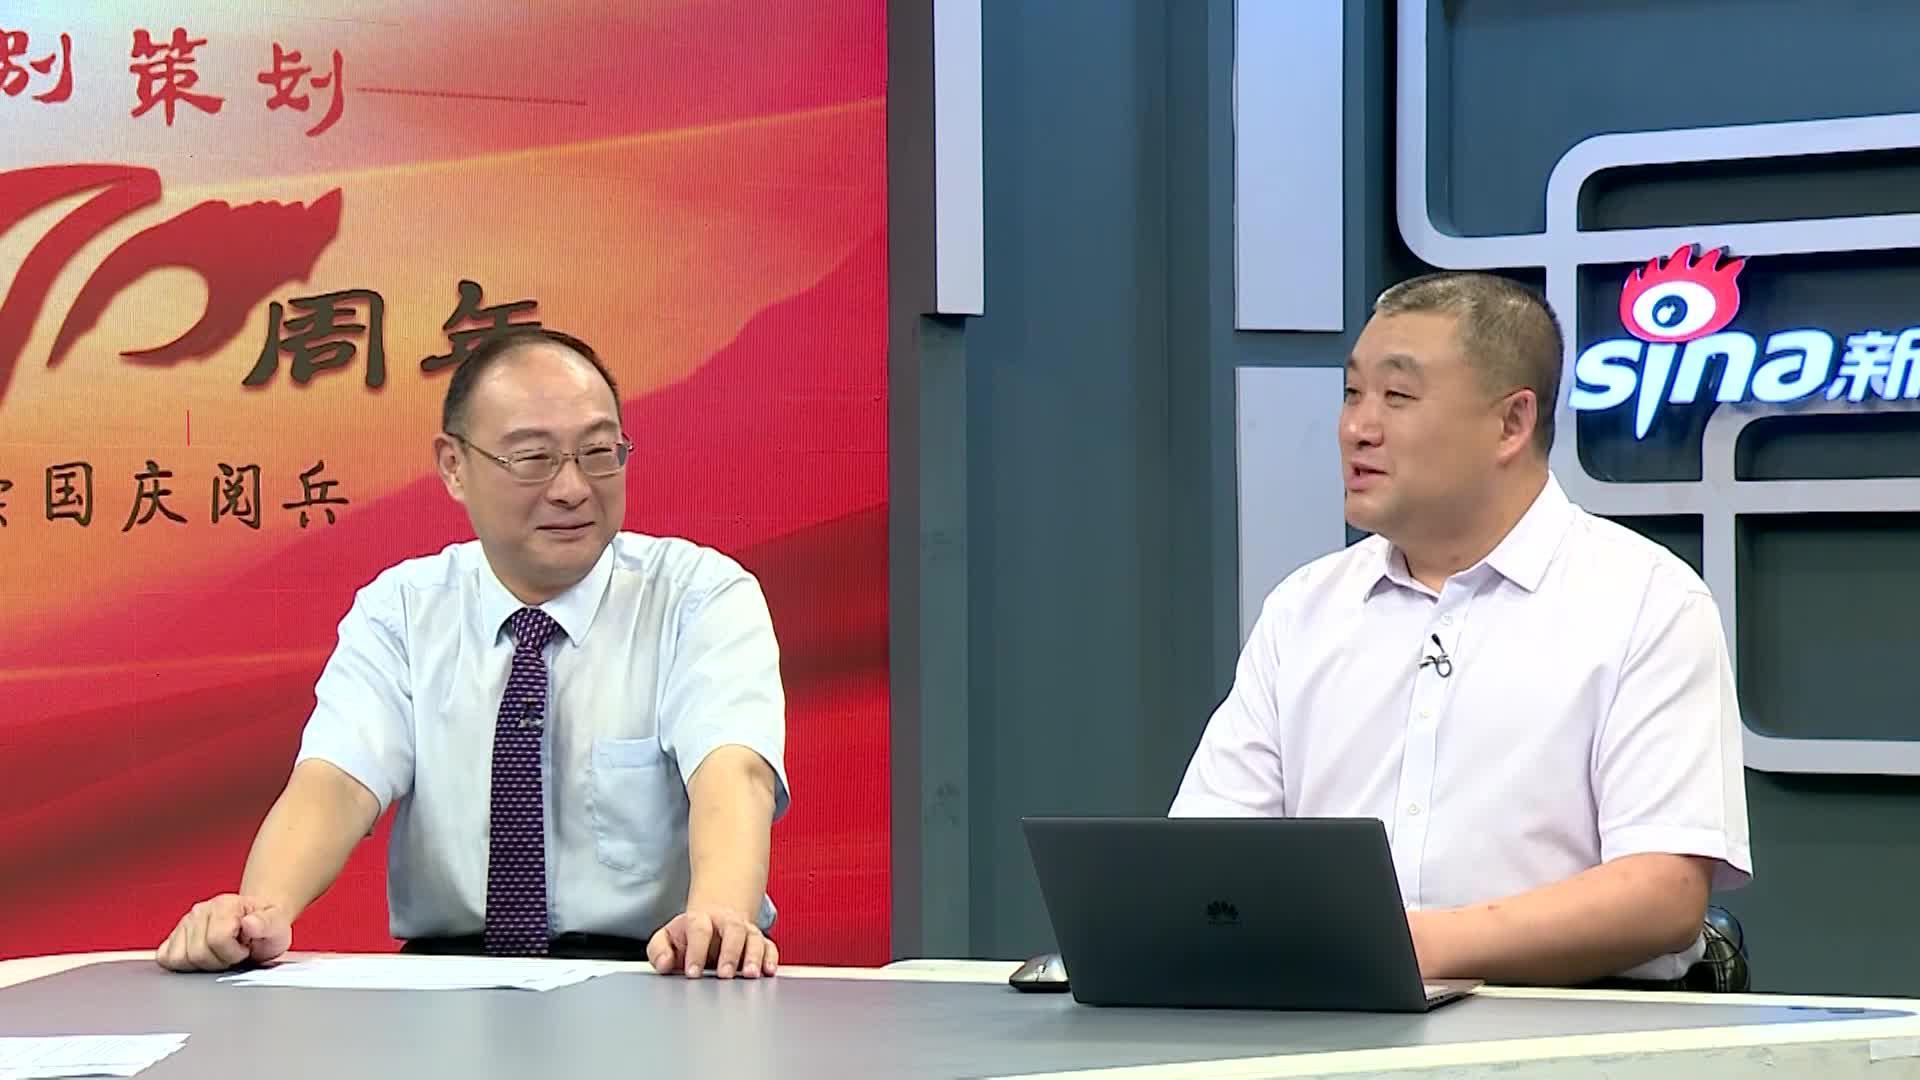 金灿荣 房兵解读国庆大阅兵